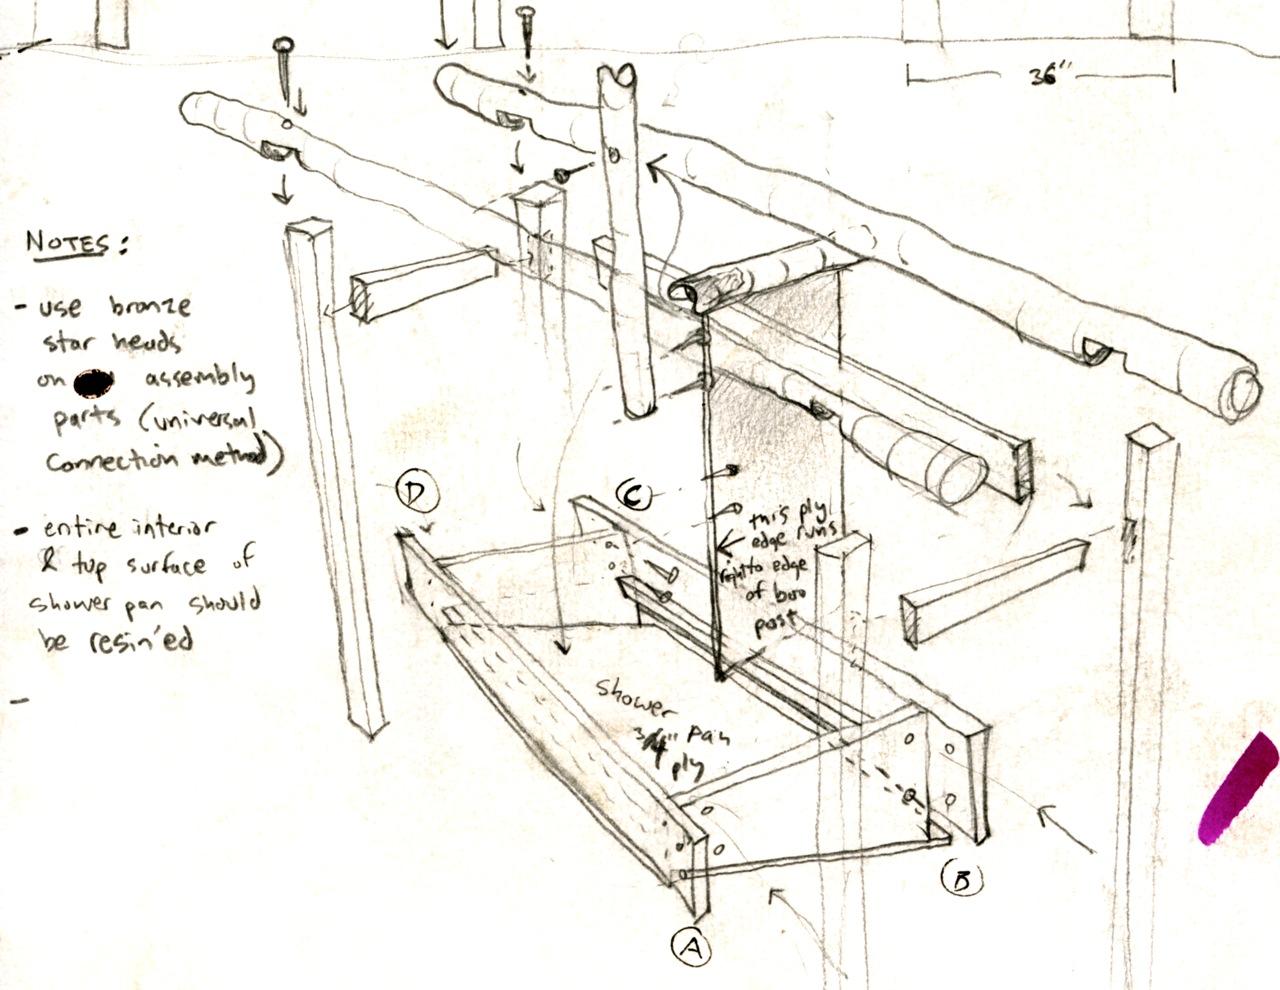 shower sketch.jpg